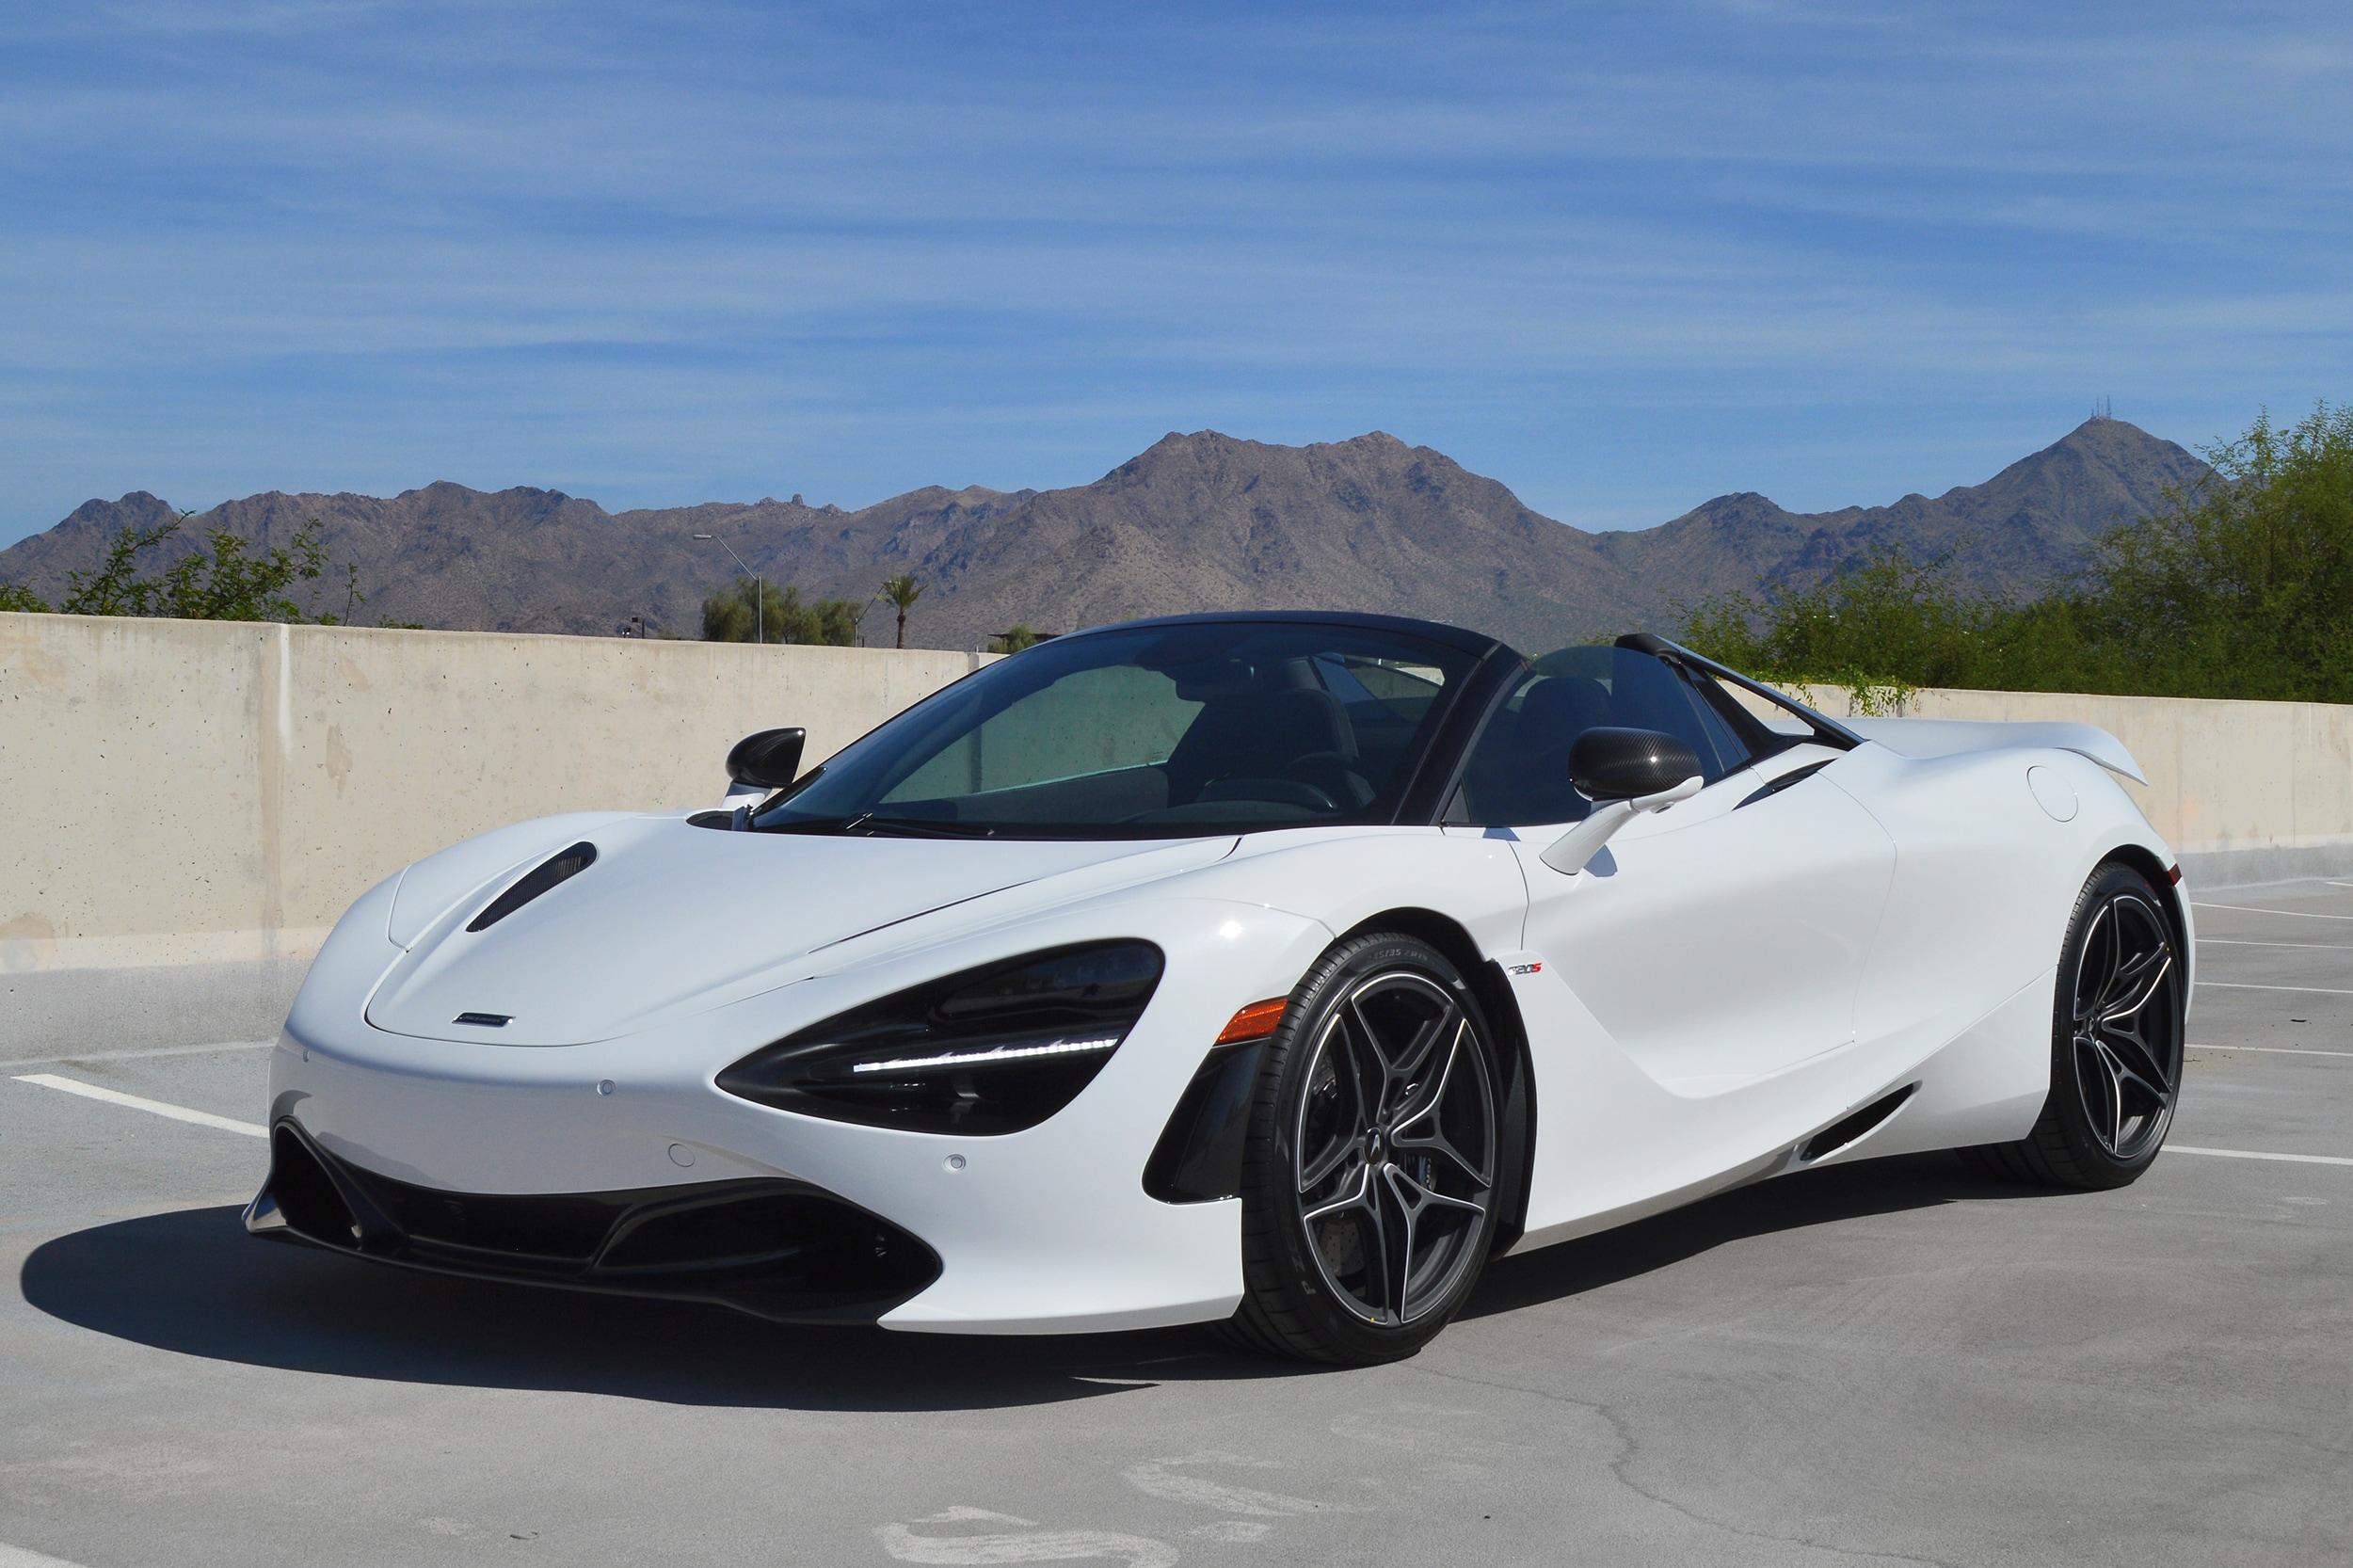 2020 McLaren 720S Spider Performance Convertible